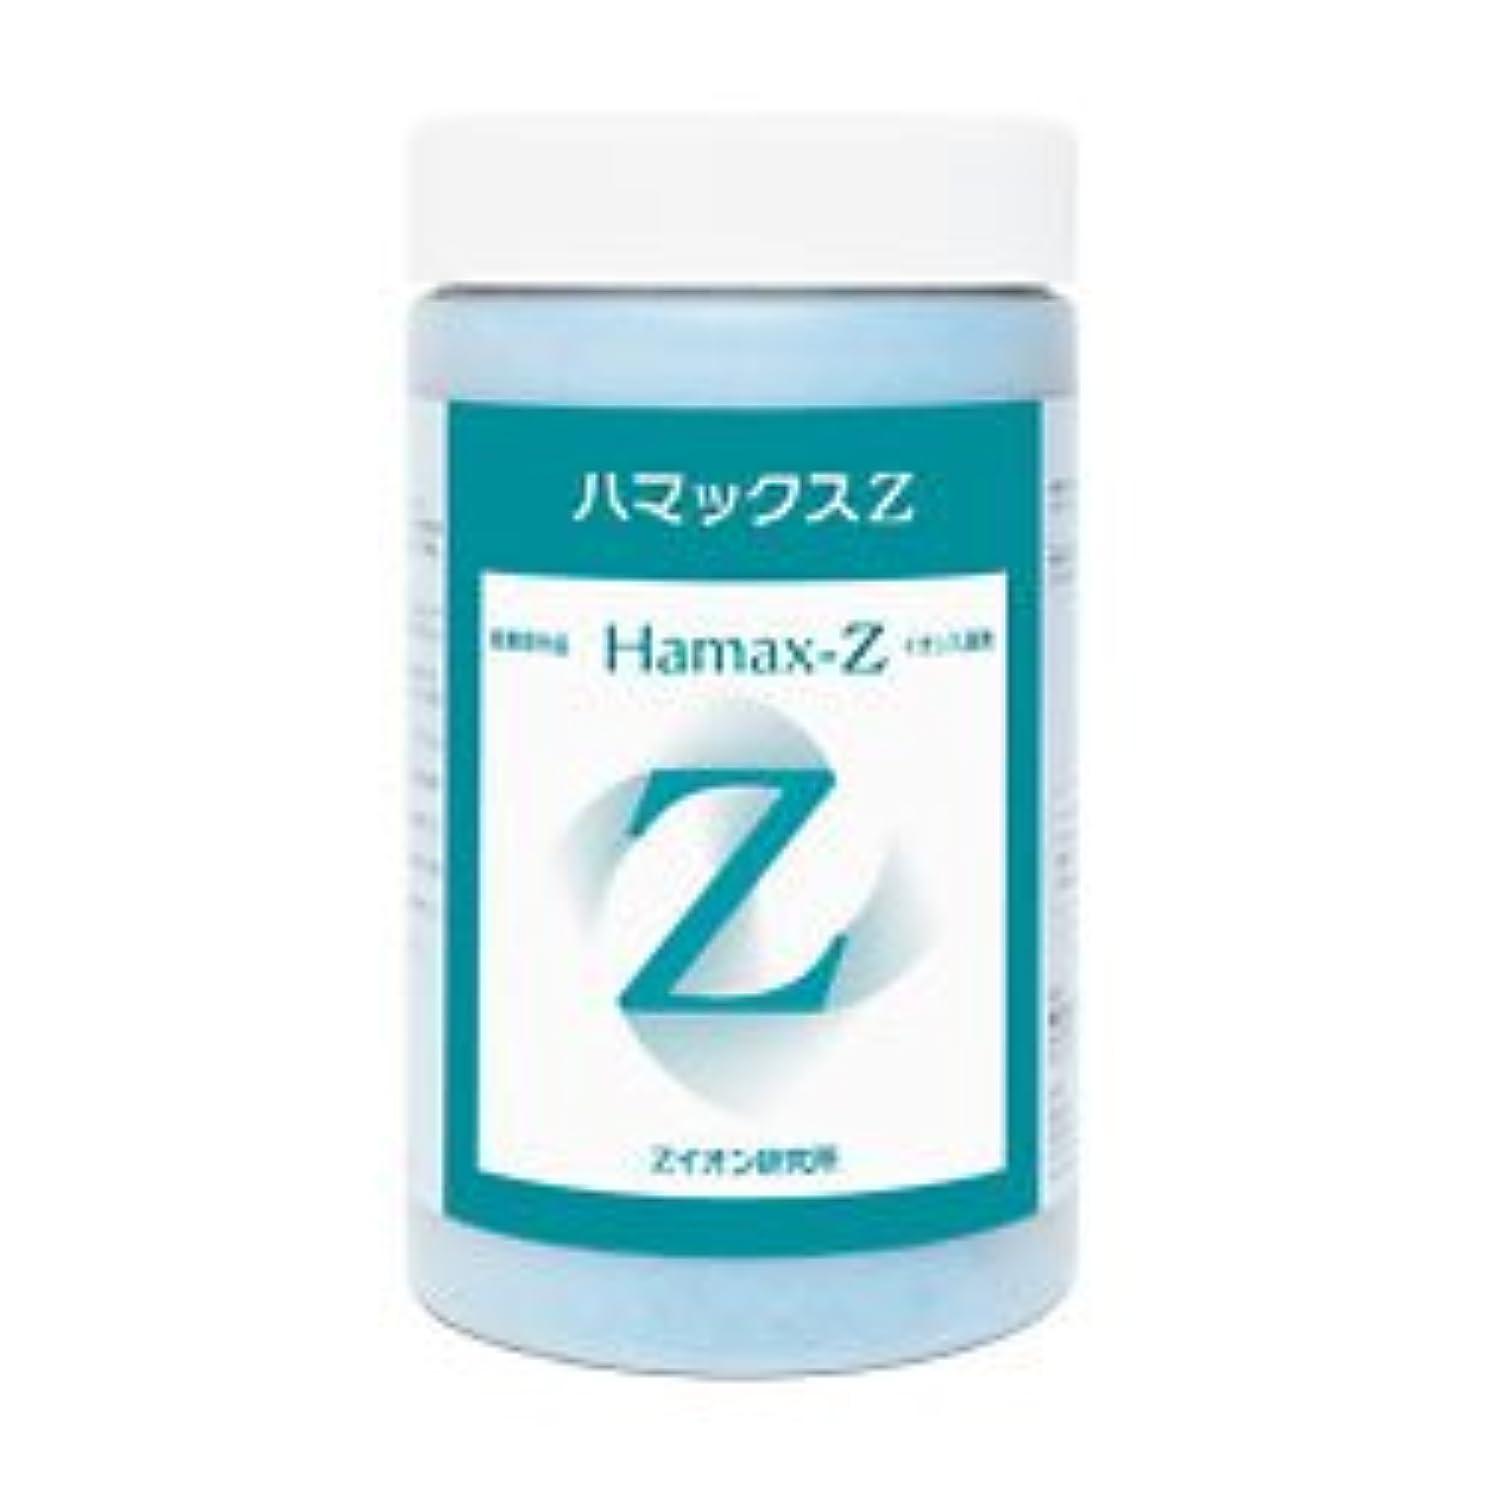 ペスト博覧会トレイ医薬部外品 イオン入湯剤ハマックスZ 700g